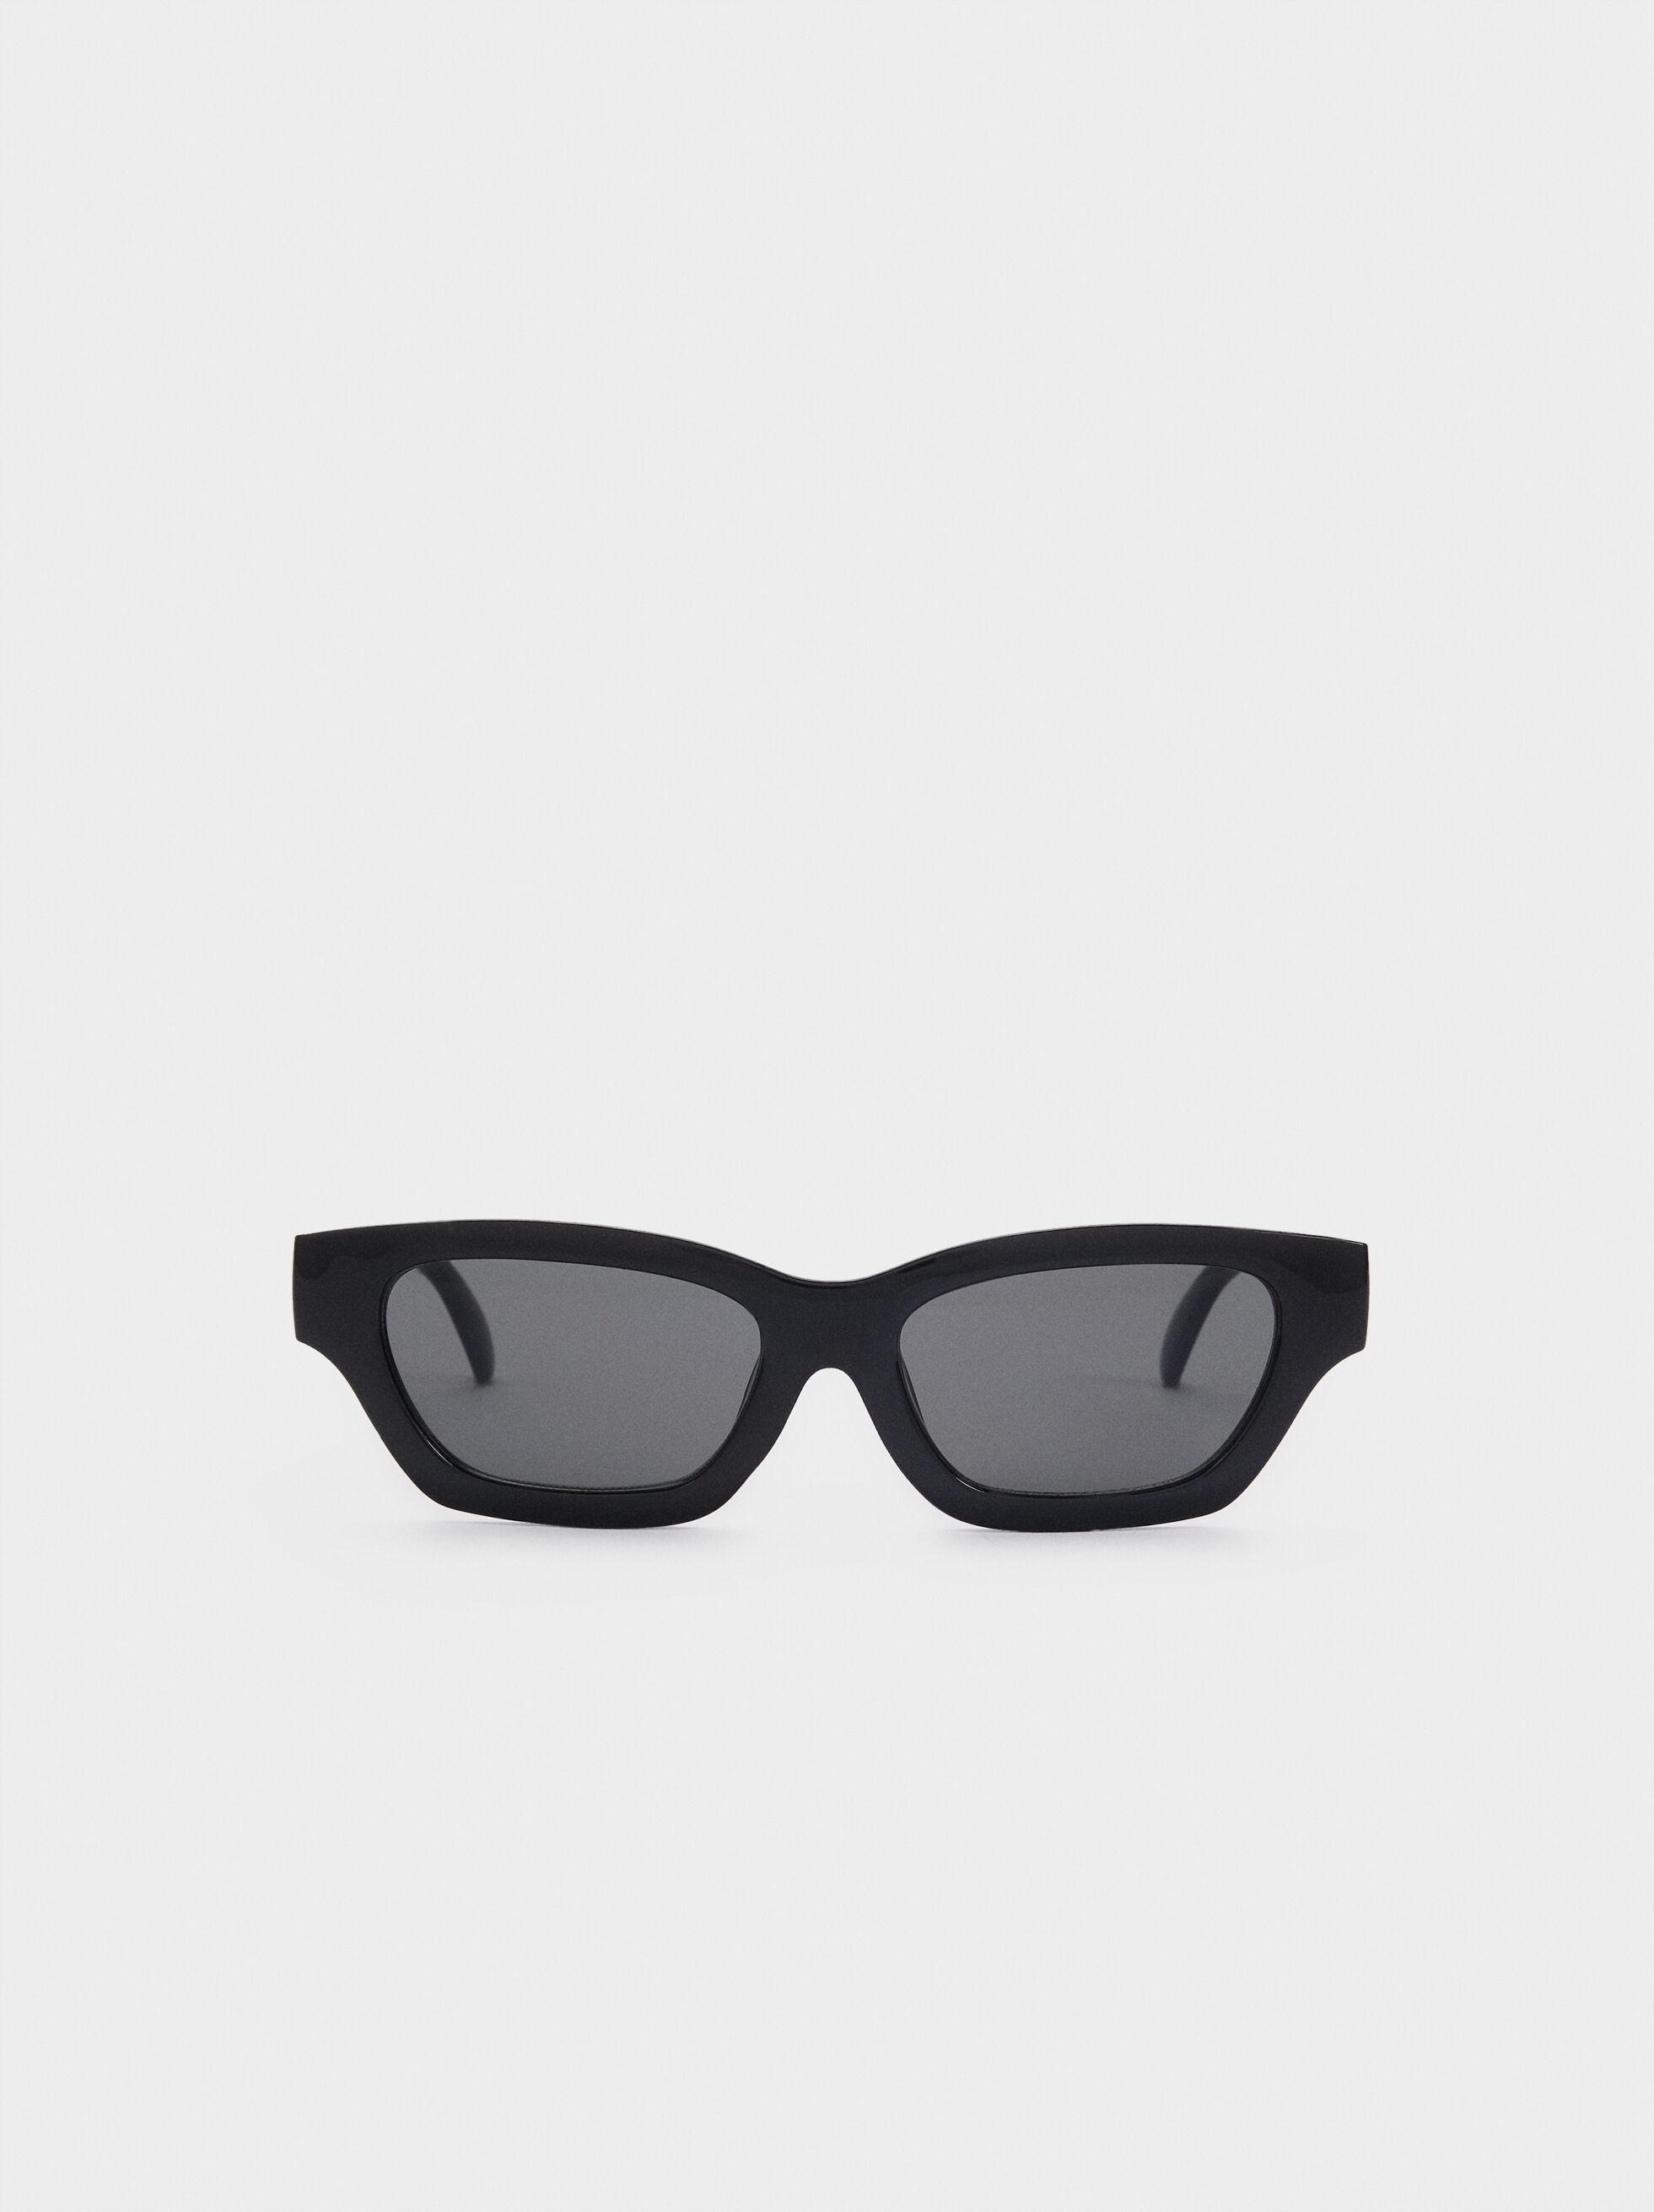 General Sunglasses Sunglasses, Black, hi-res